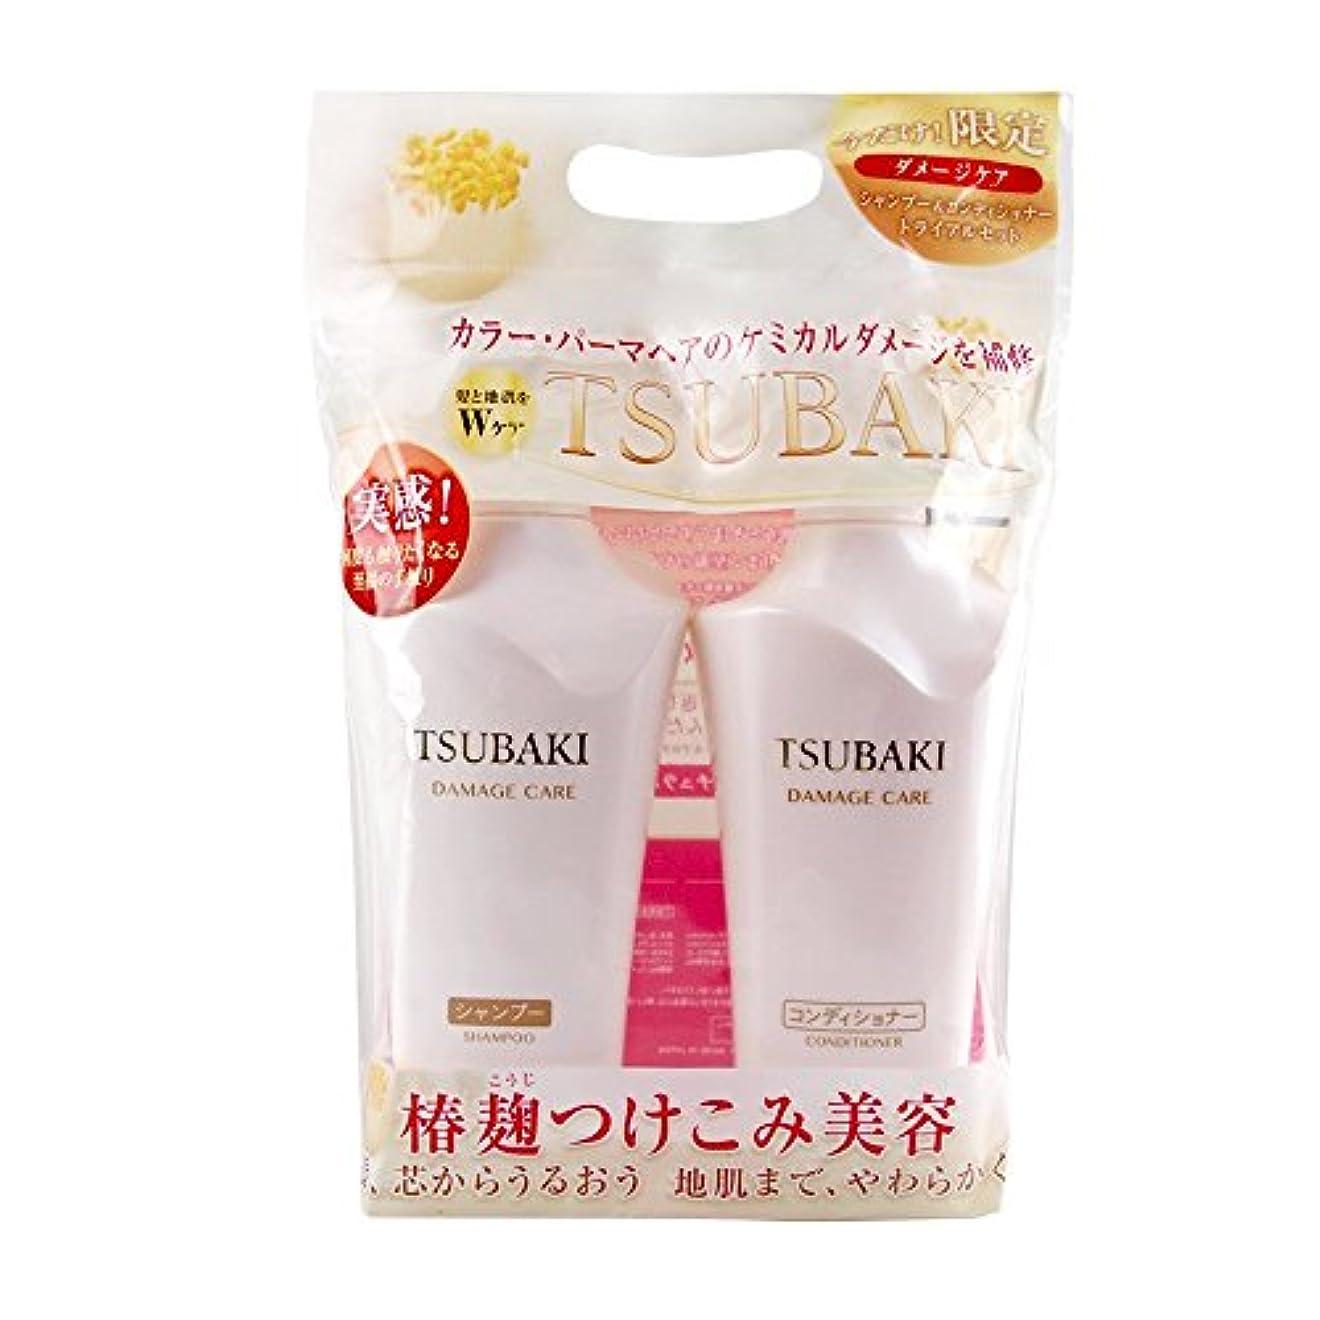 腹痛またコモランマTSUBAKI ダメージケア シャンプー&コンディショナー ジャンボペアセット (500ml+500ml)